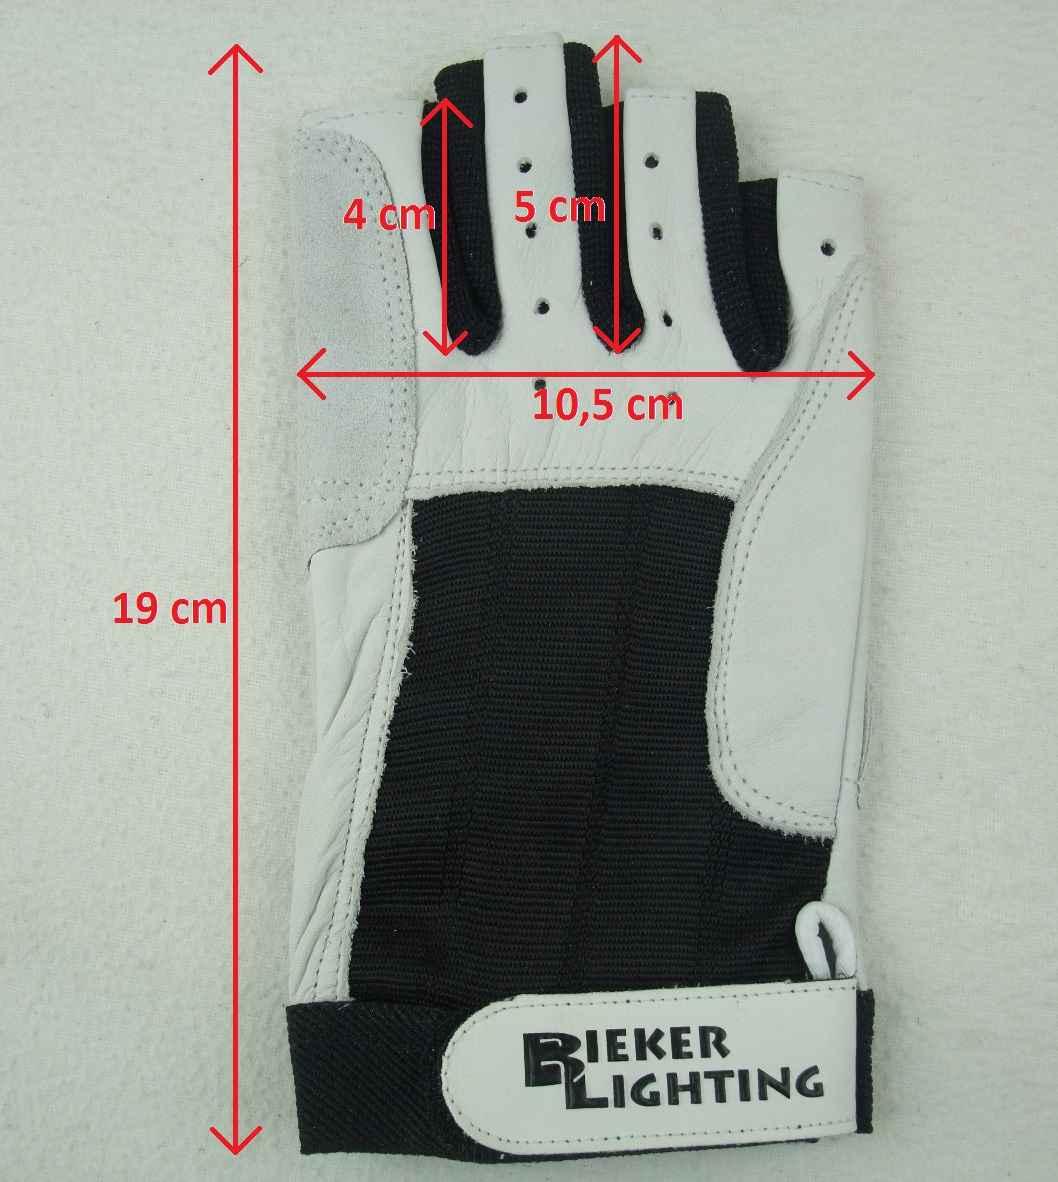 2 Paar BluePort Segelhandschuhe aus Rindsleder Gr M fingerlos Roadiehandschuhe Bootsport